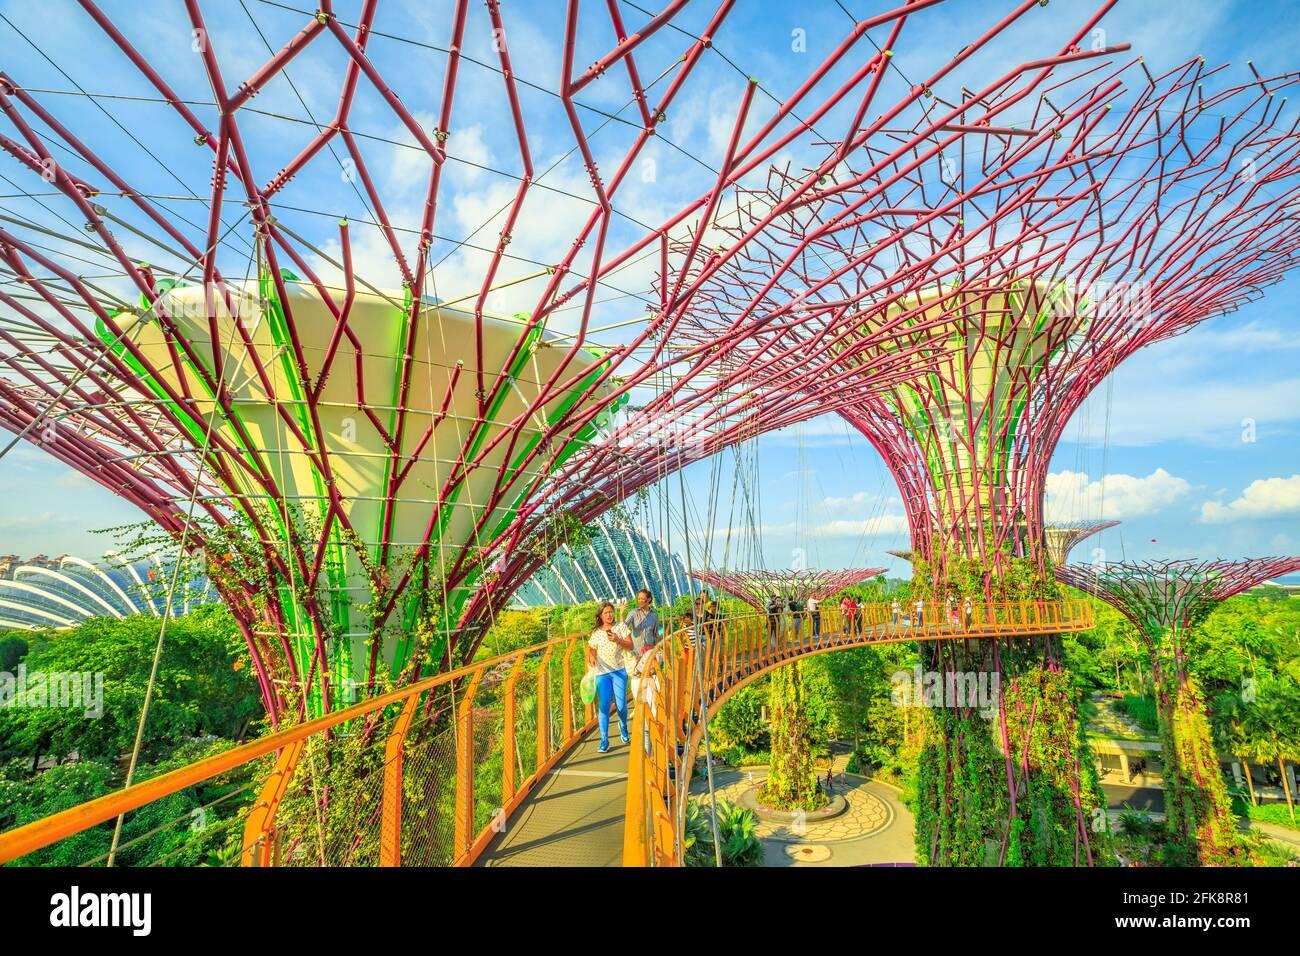 Singapour - le 29 avril 2018: tourisme asiatique selfies prend avec smart phone en marchant sur une passerelle ou d'OCBC Skyway de Supertree Grove dans des jardins par le Banque D'Images